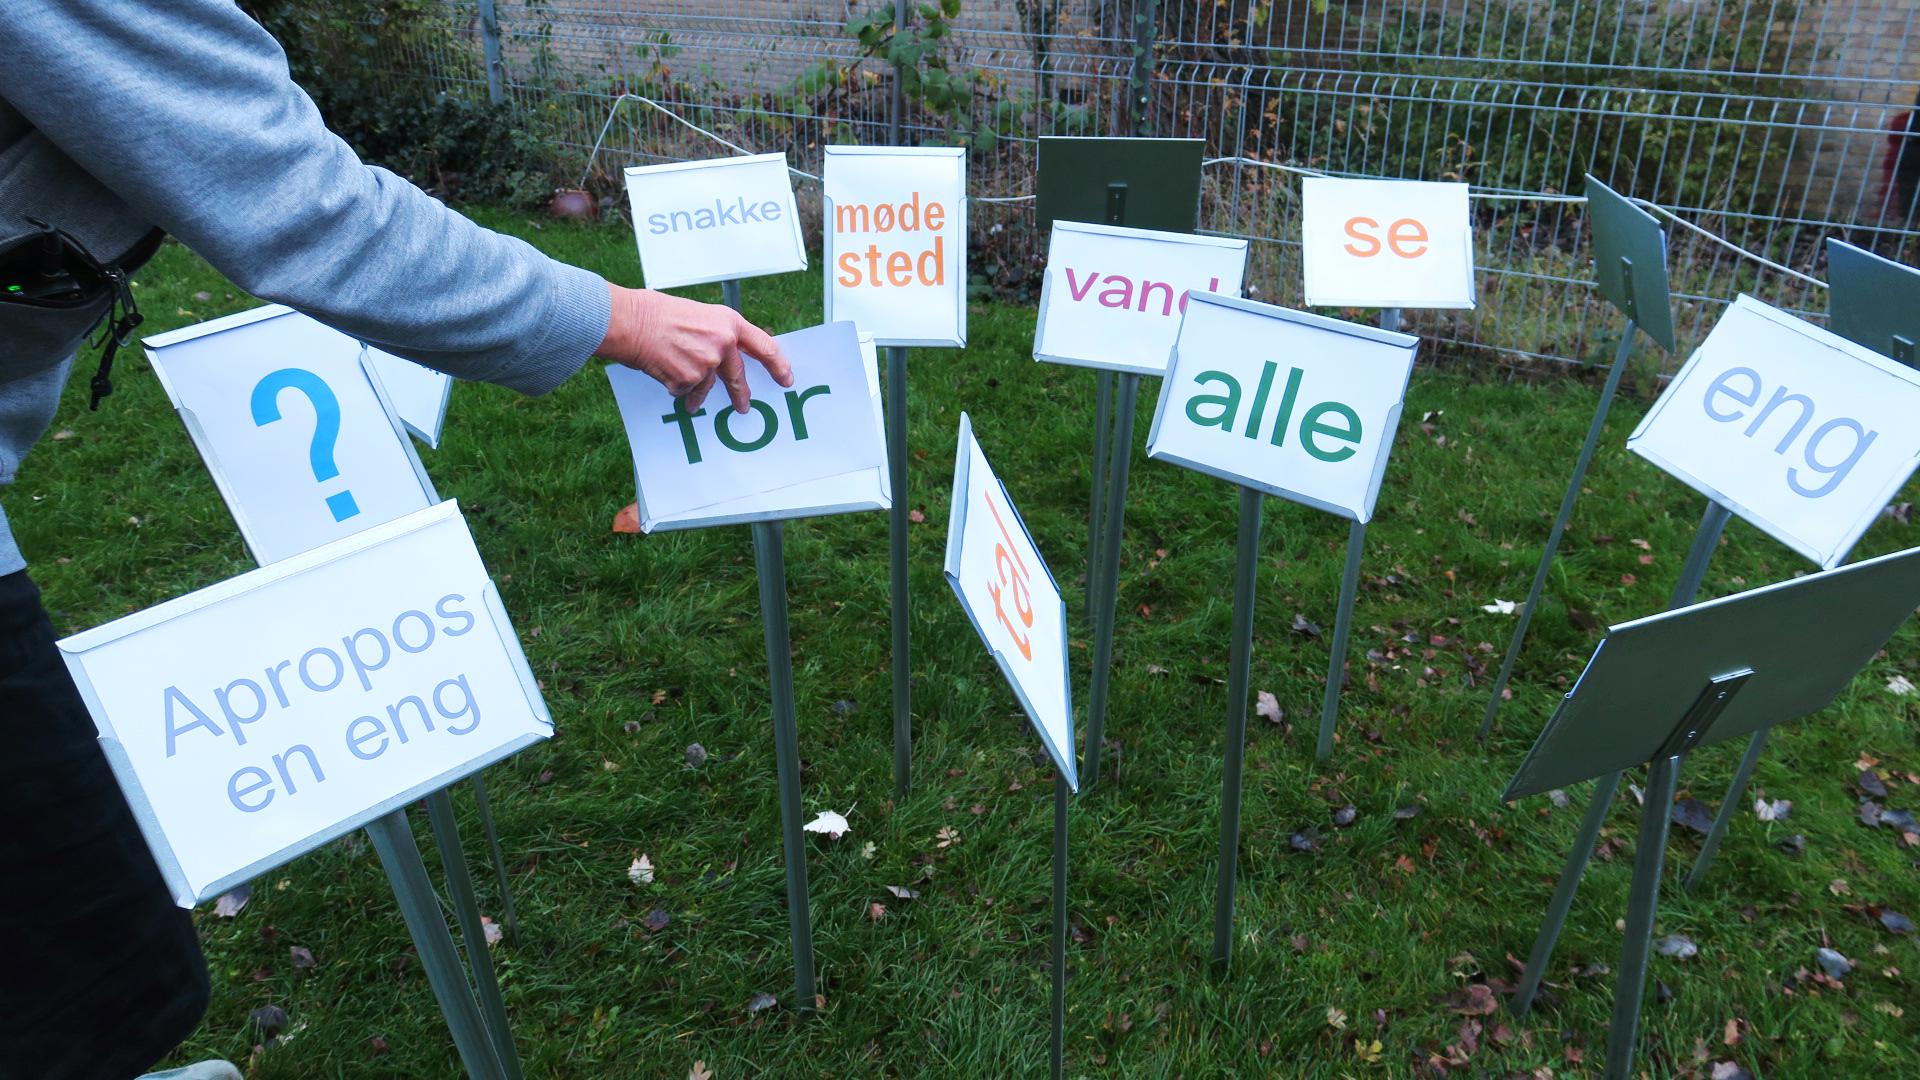 En hånd placerer et skilt på en græsplæne ved siden af mange andre skilte